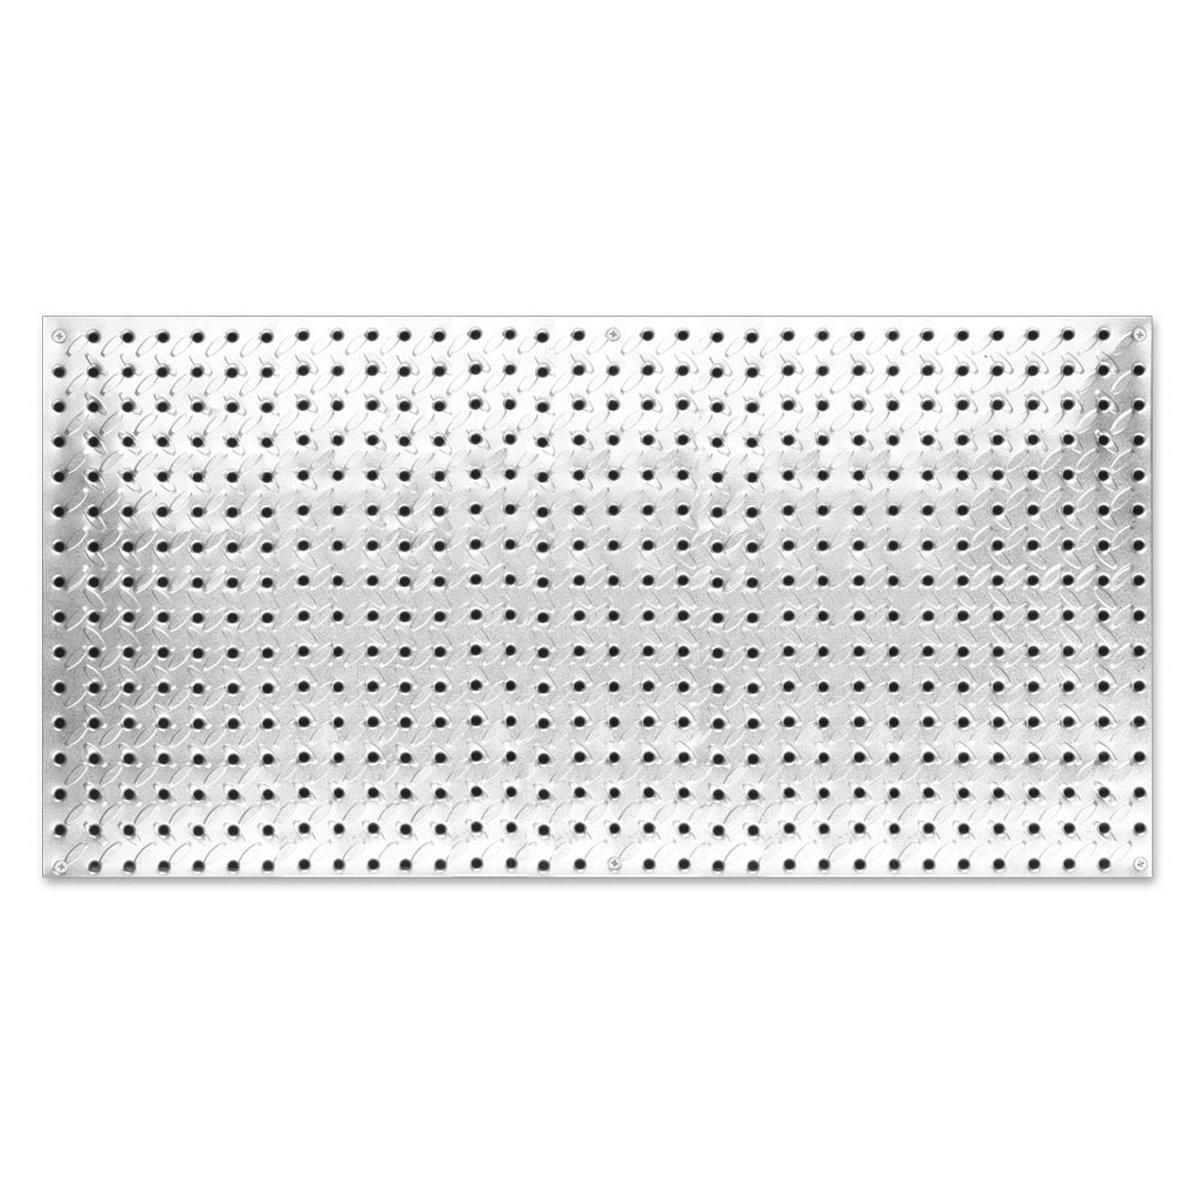 Knape & Vogt John Sterling Heavyweight Diamond Plate Steel Pegboard, 16 by 32-Inch